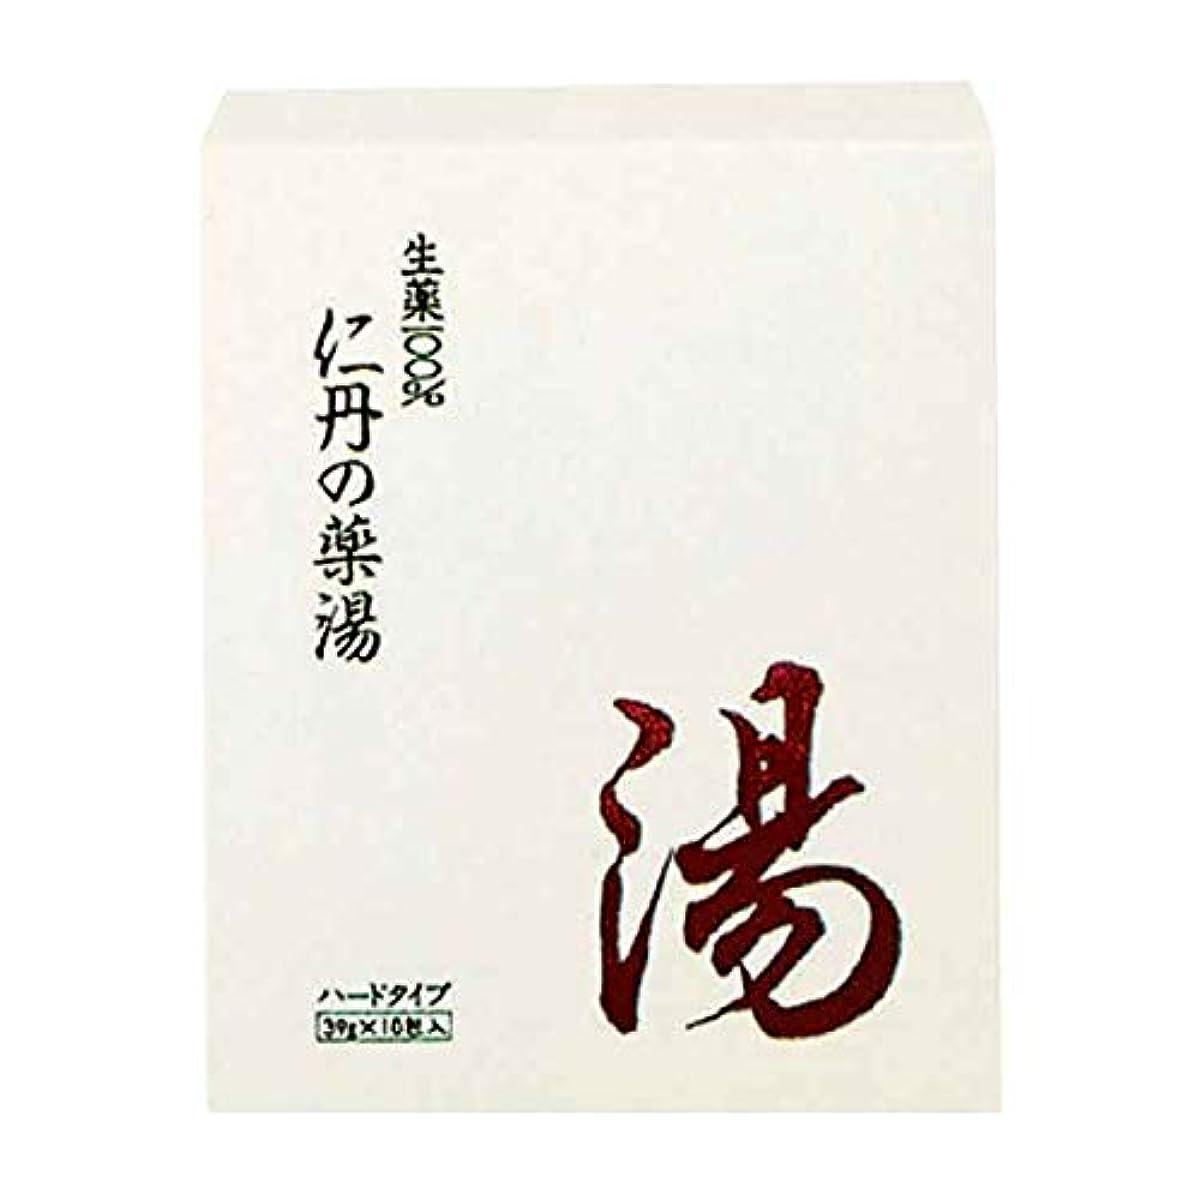 異なる国民節約森下仁丹 仁丹の薬湯(ハード) 10包 [医薬部外品]